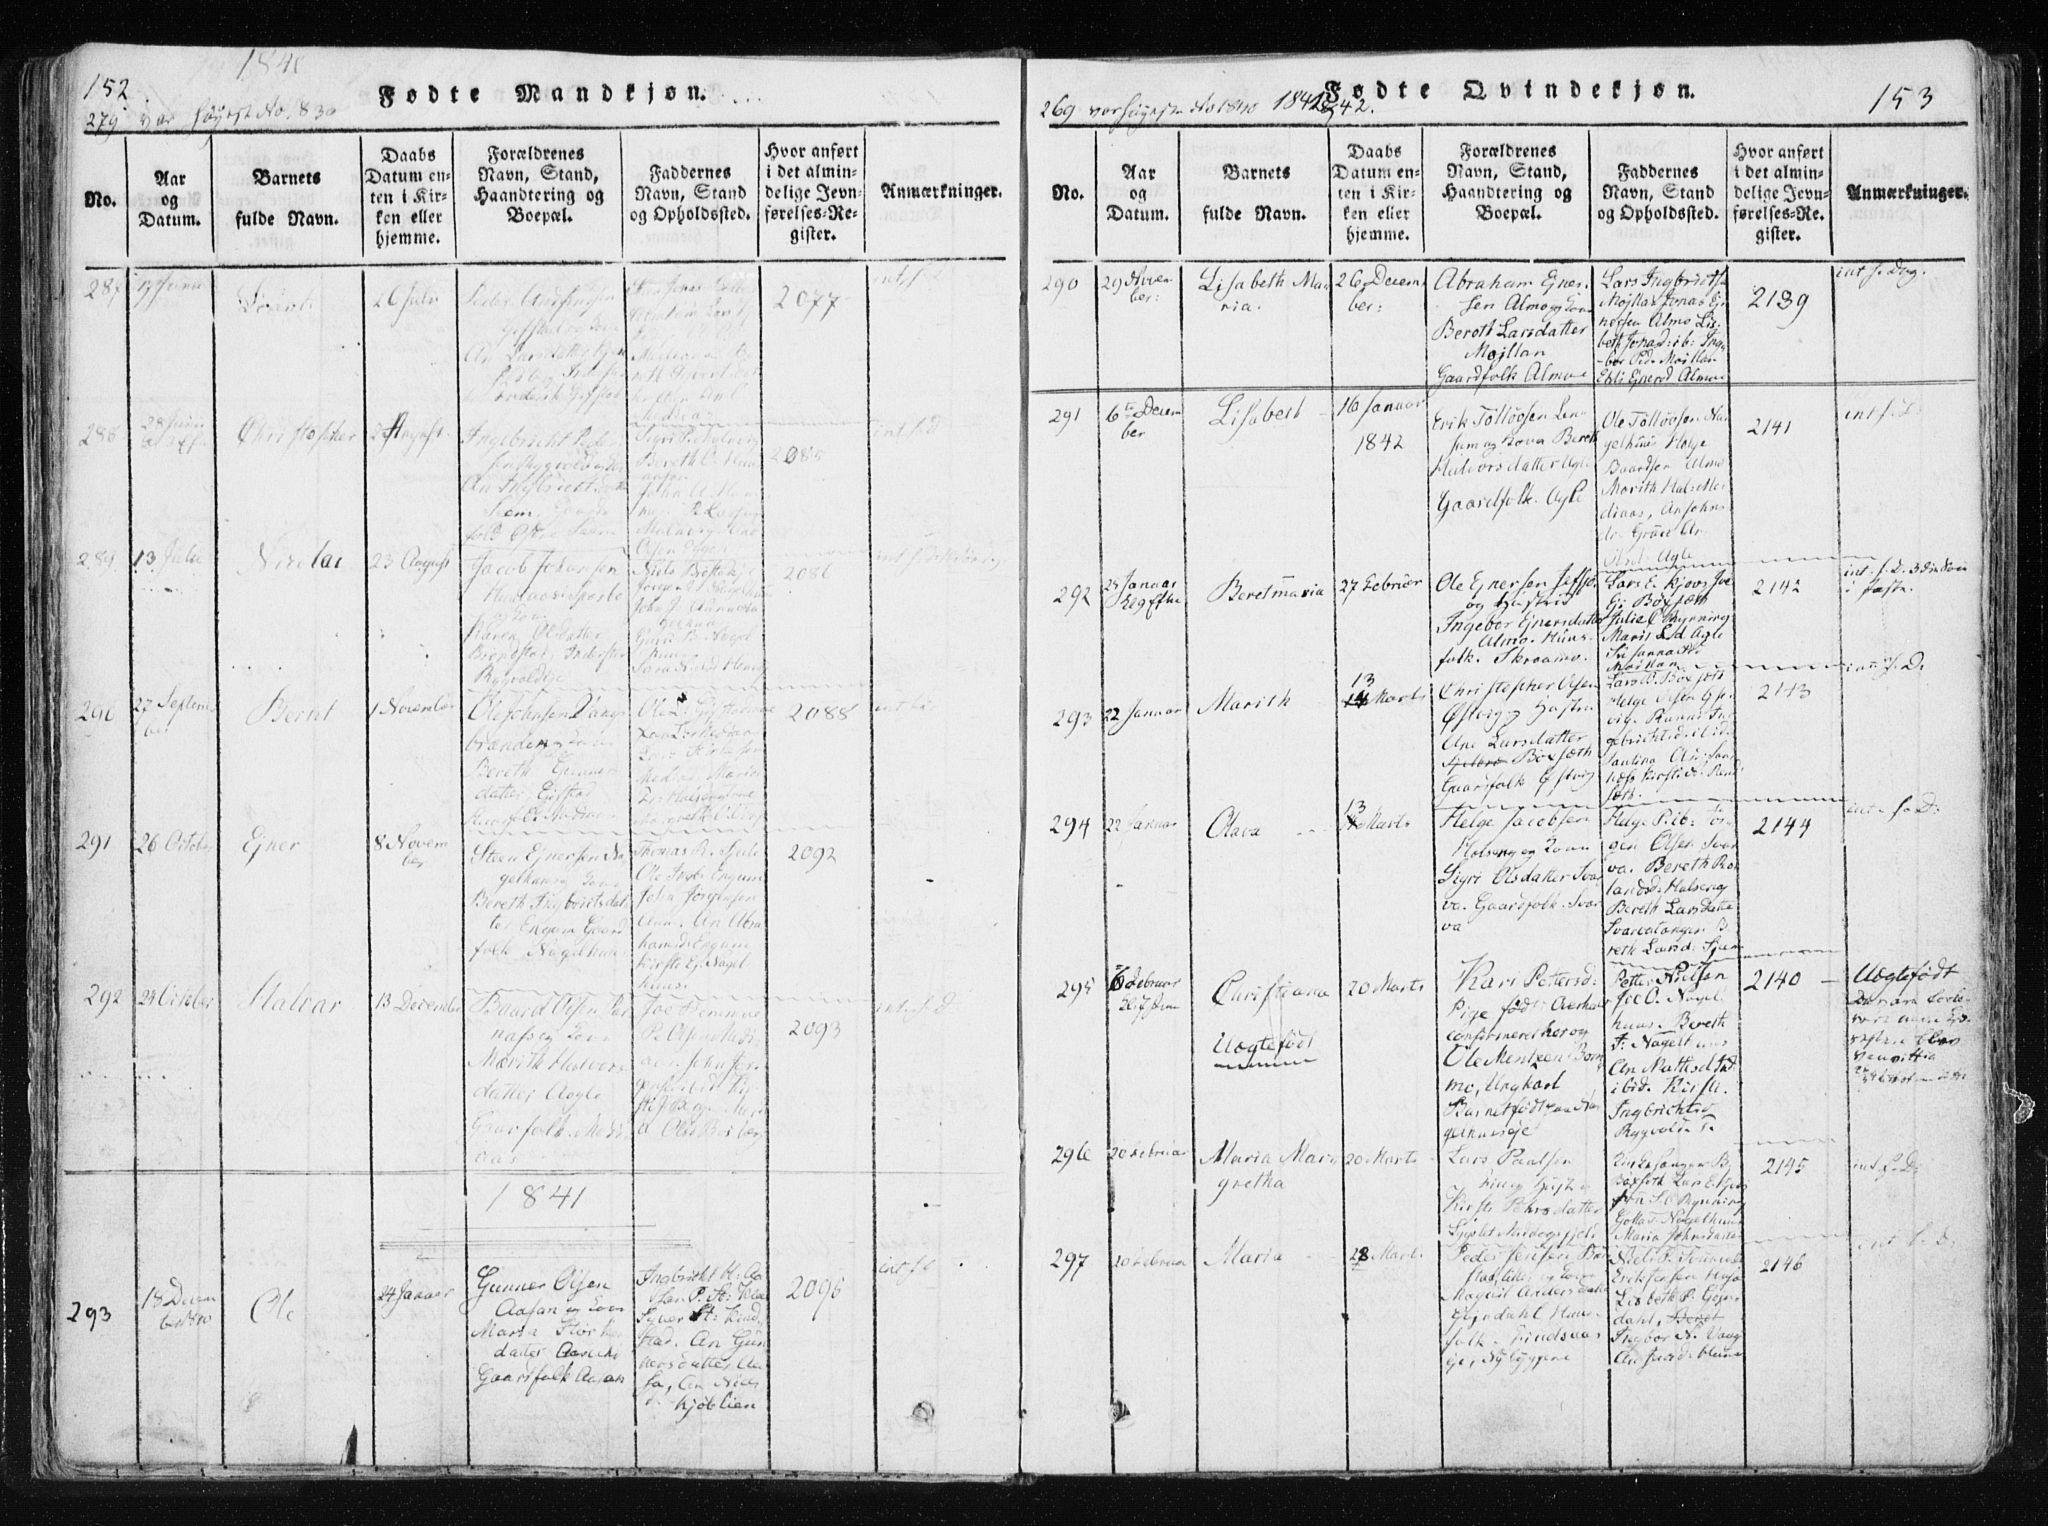 SAT, Ministerialprotokoller, klokkerbøker og fødselsregistre - Nord-Trøndelag, 749/L0469: Ministerialbok nr. 749A03, 1817-1857, s. 152-153